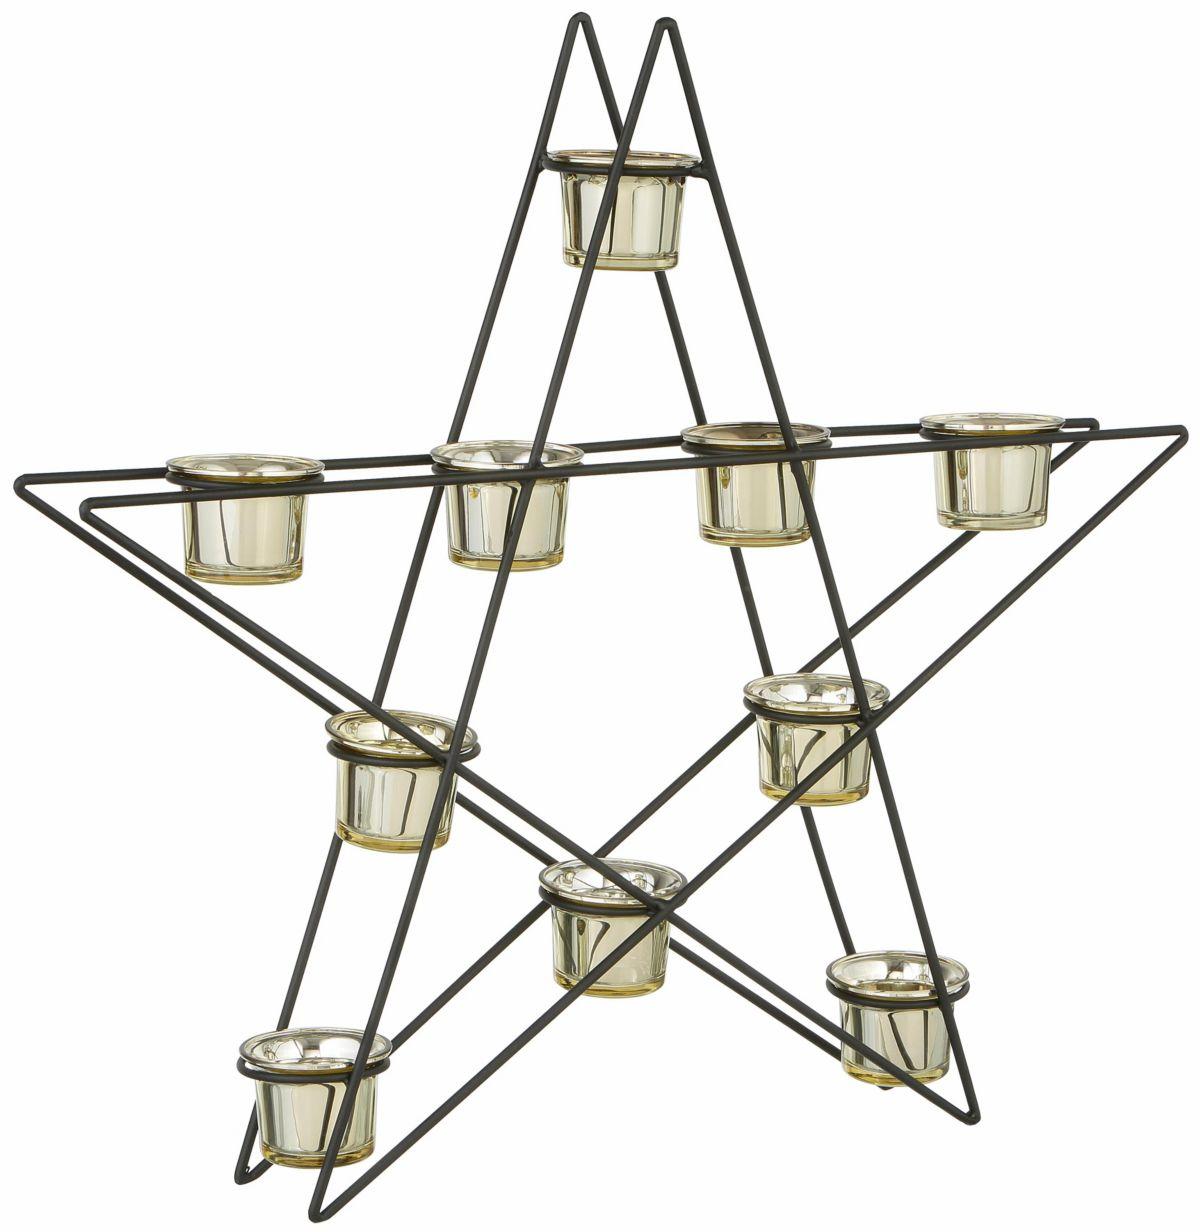 Metallkerzenhalter in Stern-Form